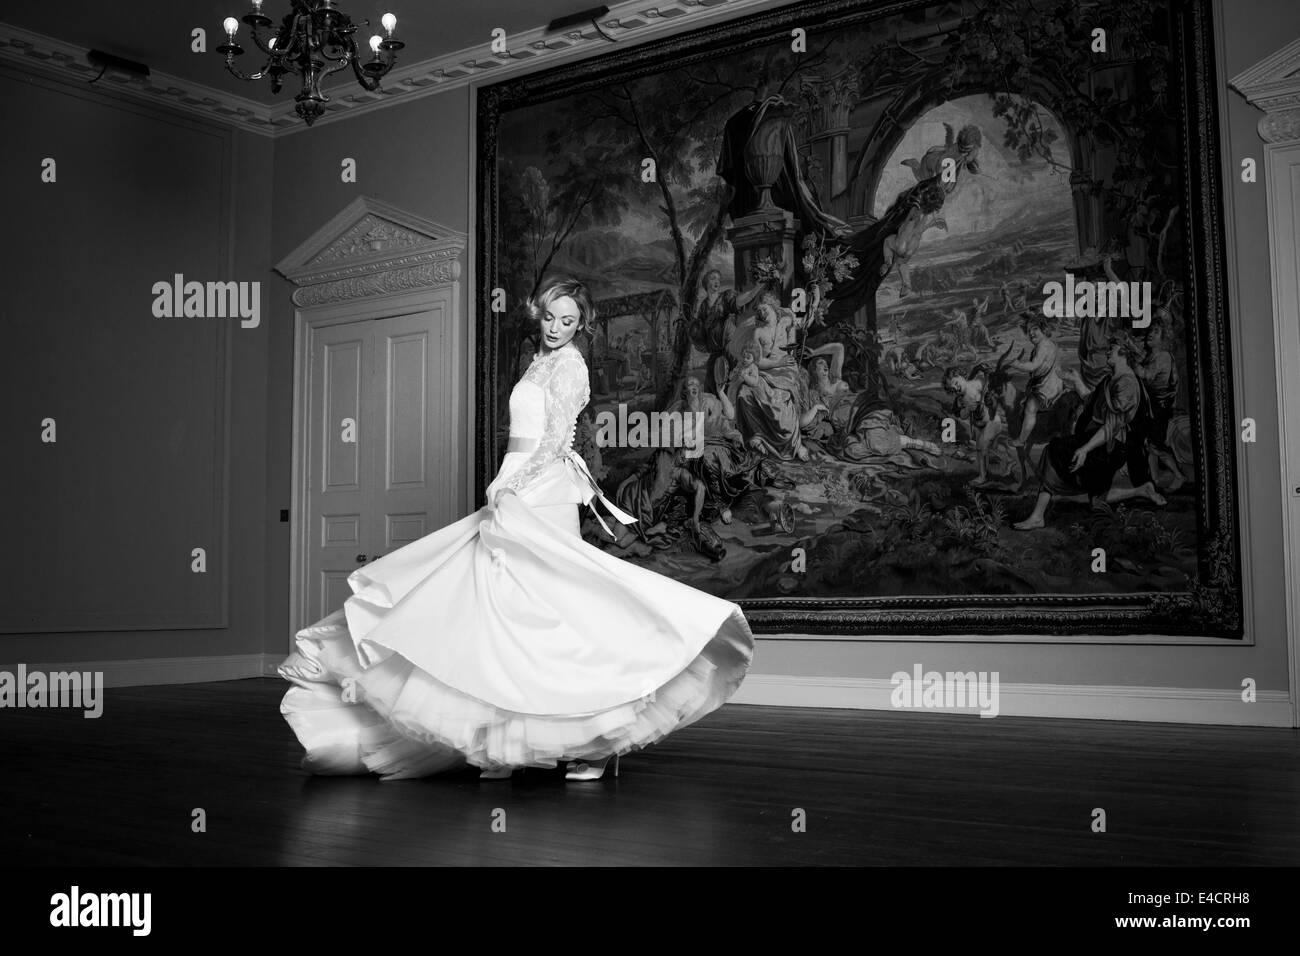 Preparativos de boda, novia bailando contra la vieja pintura, Dorset, Inglaterra Imagen De Stock